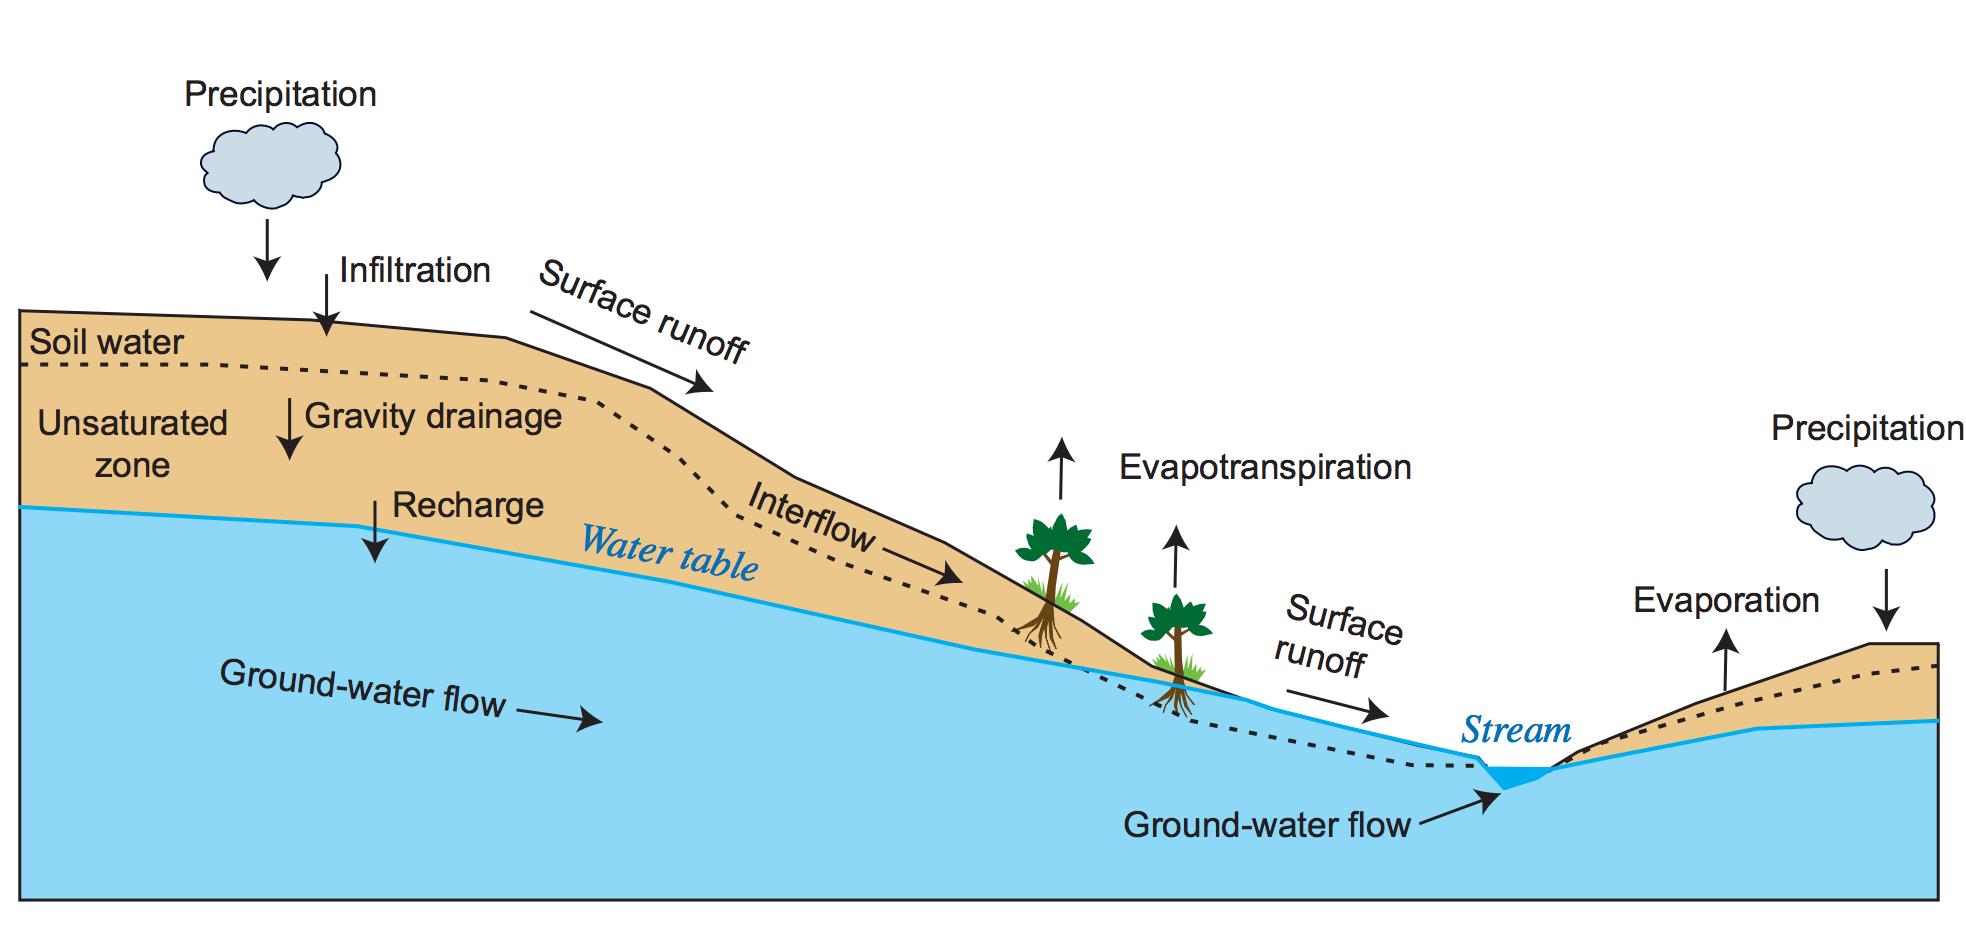 Fuente: Manual de GSFLOW de la USGS